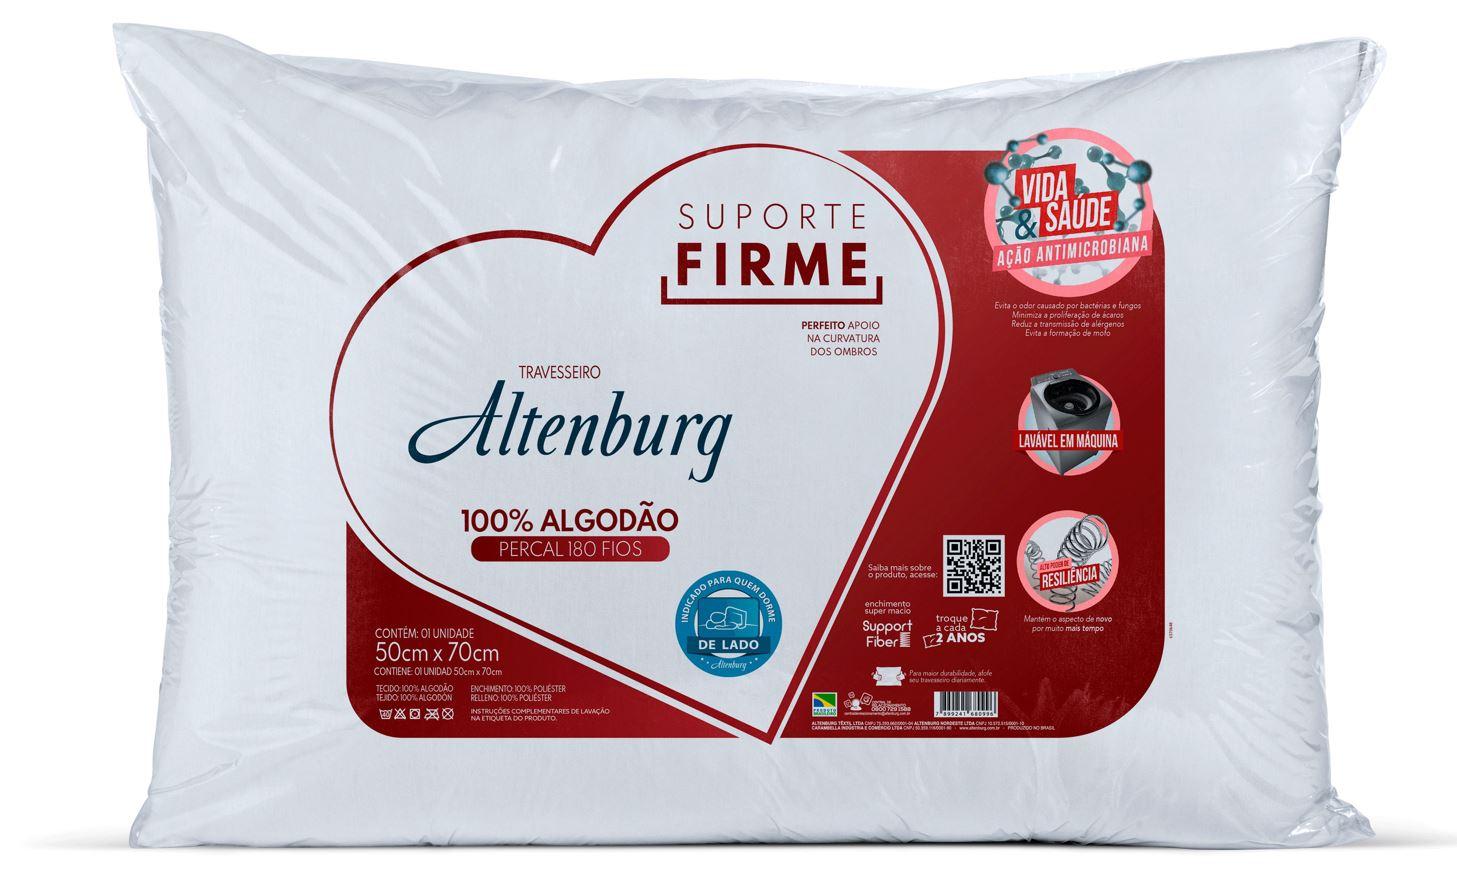 Kit 5 Travesseiros Suporte Firme Altenburg